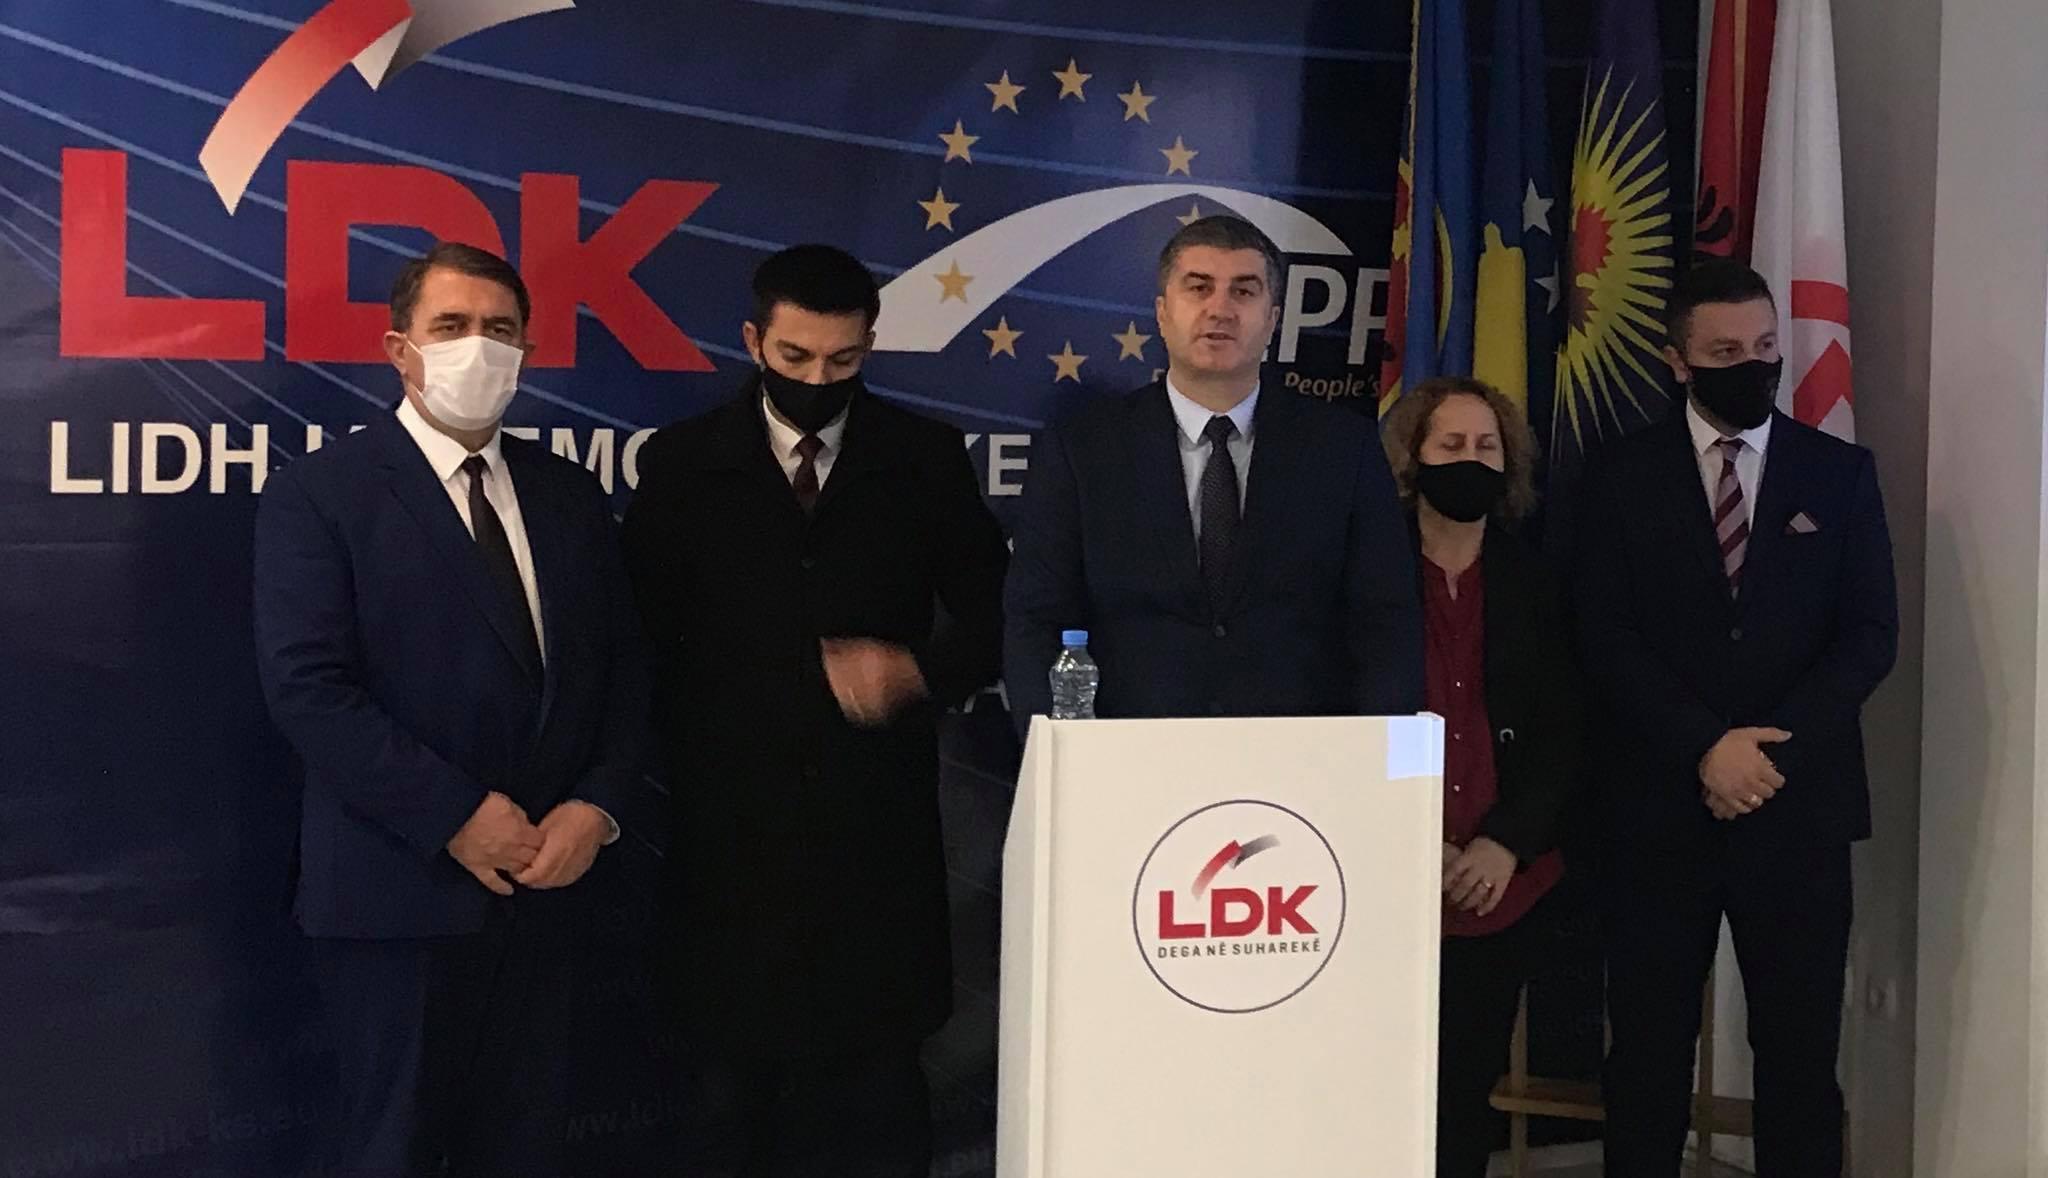 LDK në Suharekë reagon pas aktakuzës kundër zyrtarëve komunal: Shqetësime për ndërtime pa leje i kemi ngritur në gusht